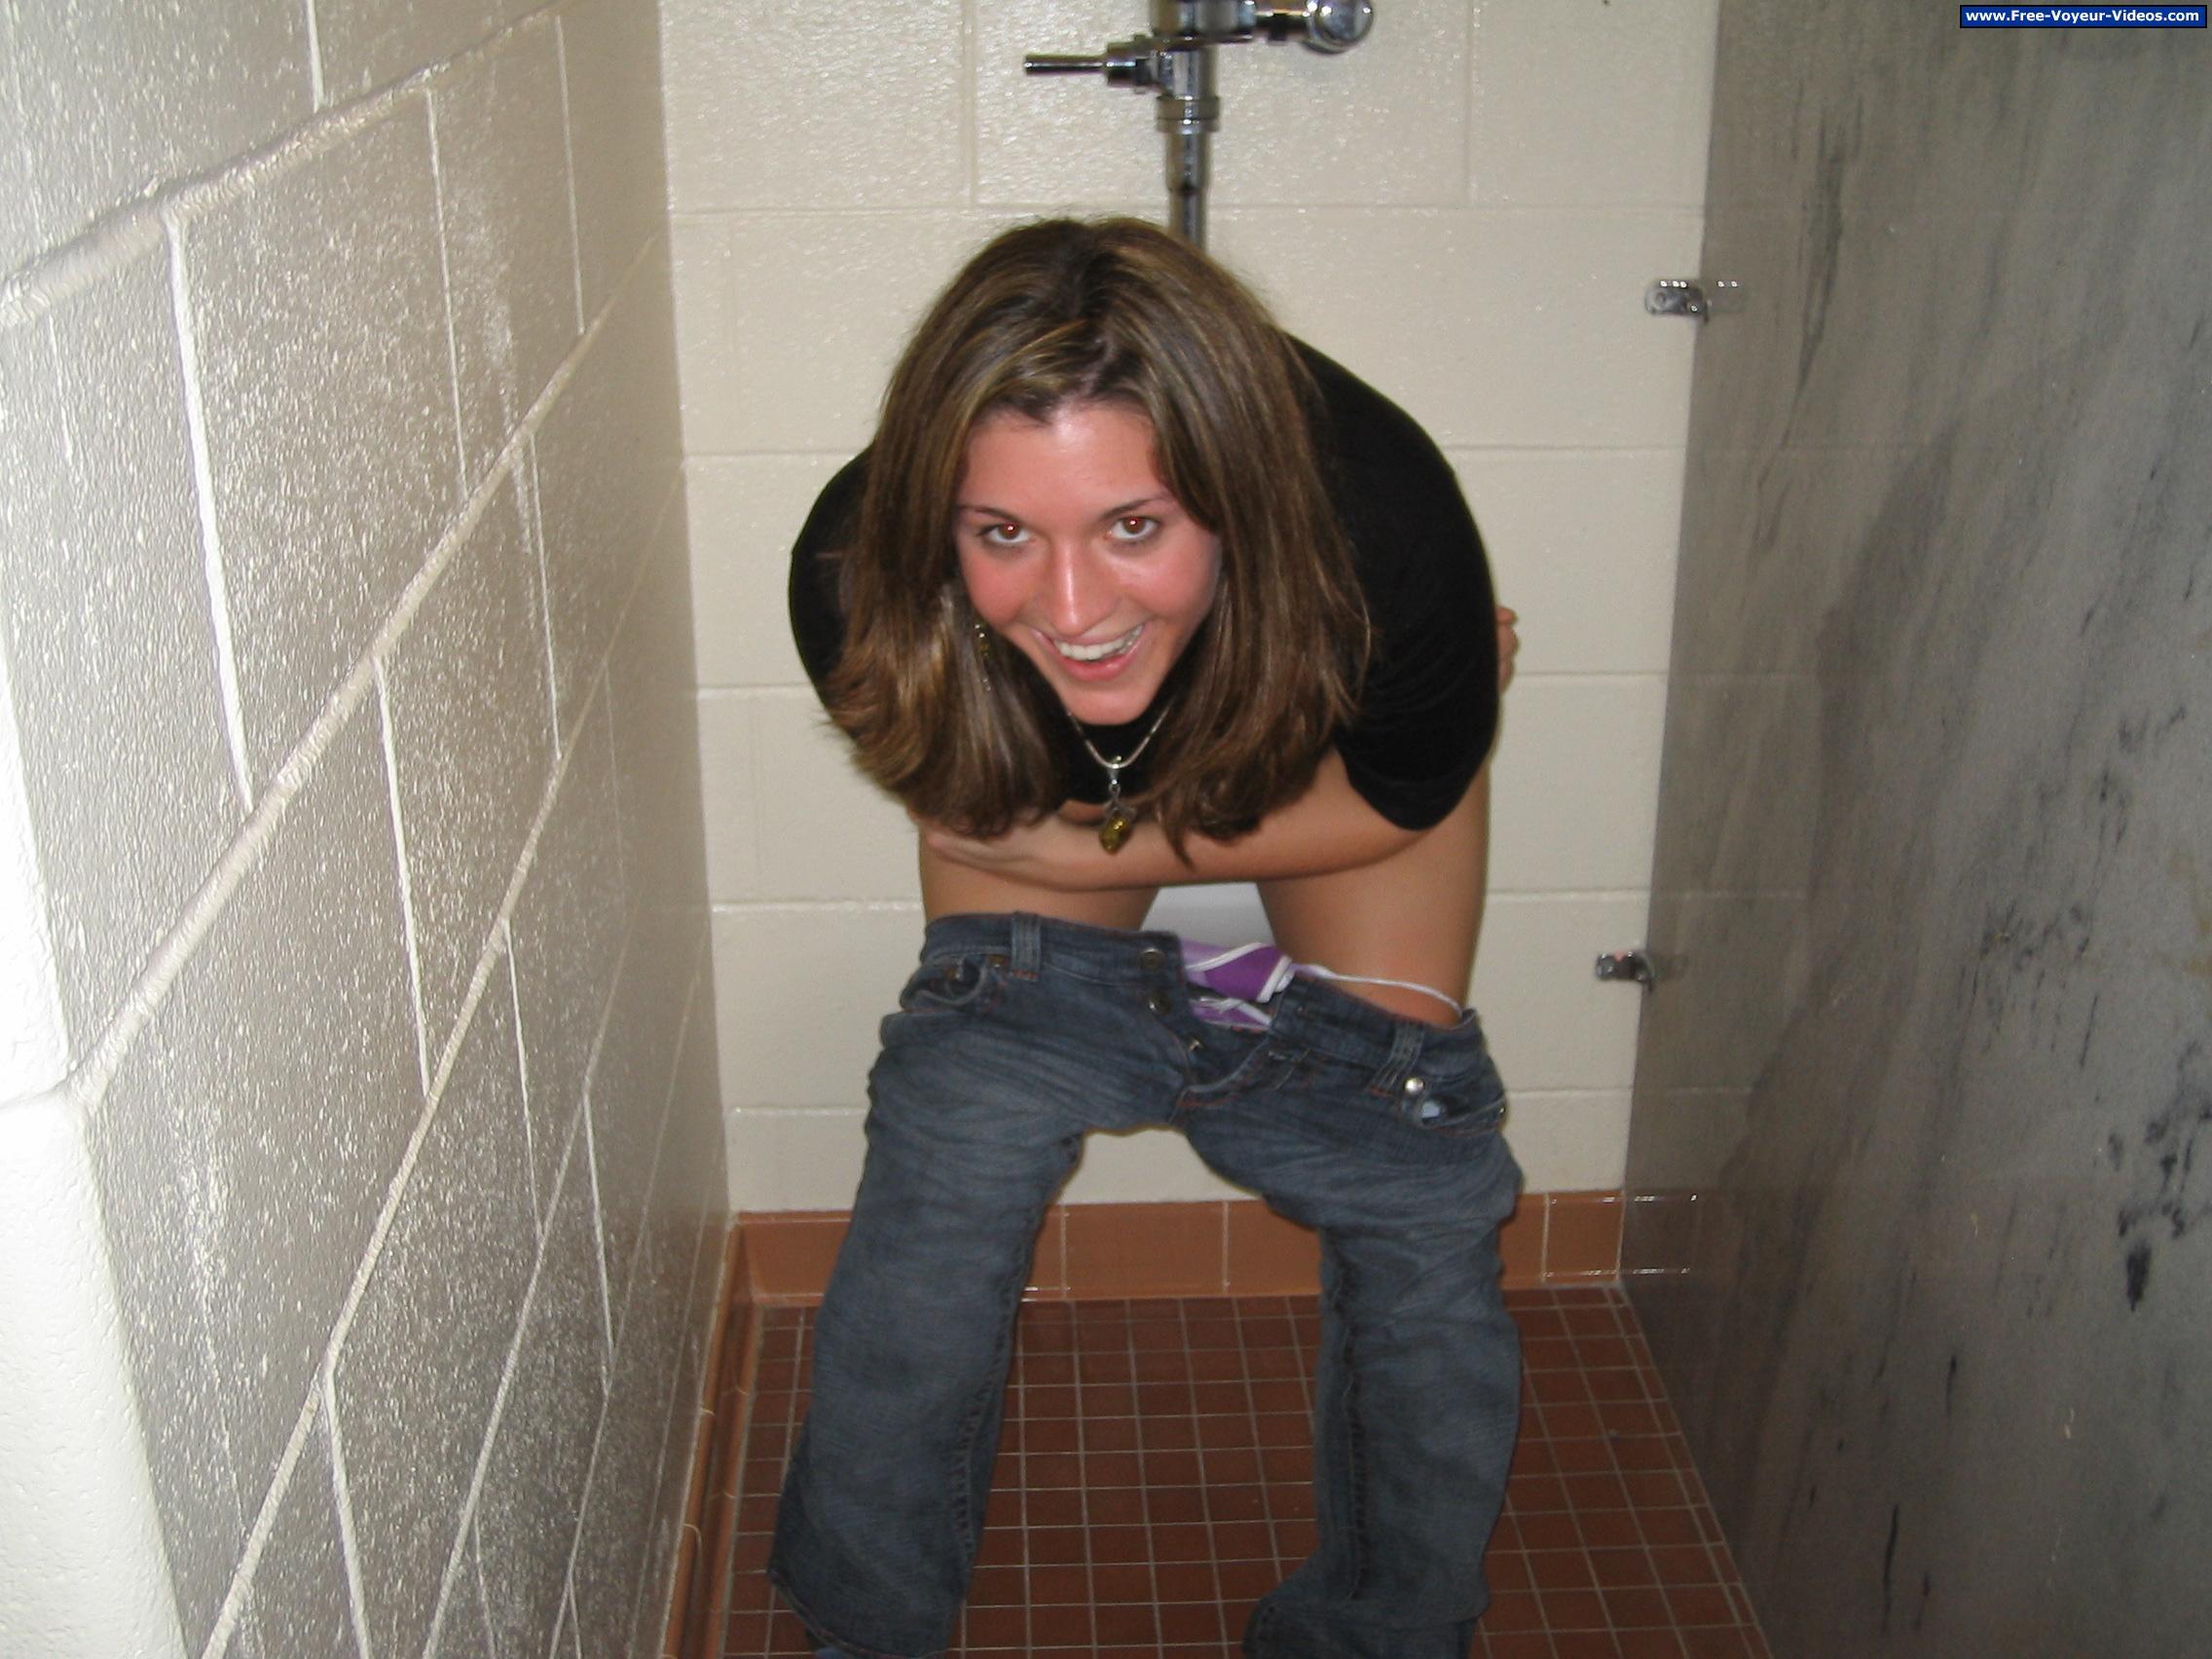 Смотреть девушки в туалете, Скрытая камера в женском туалете 23 фотография